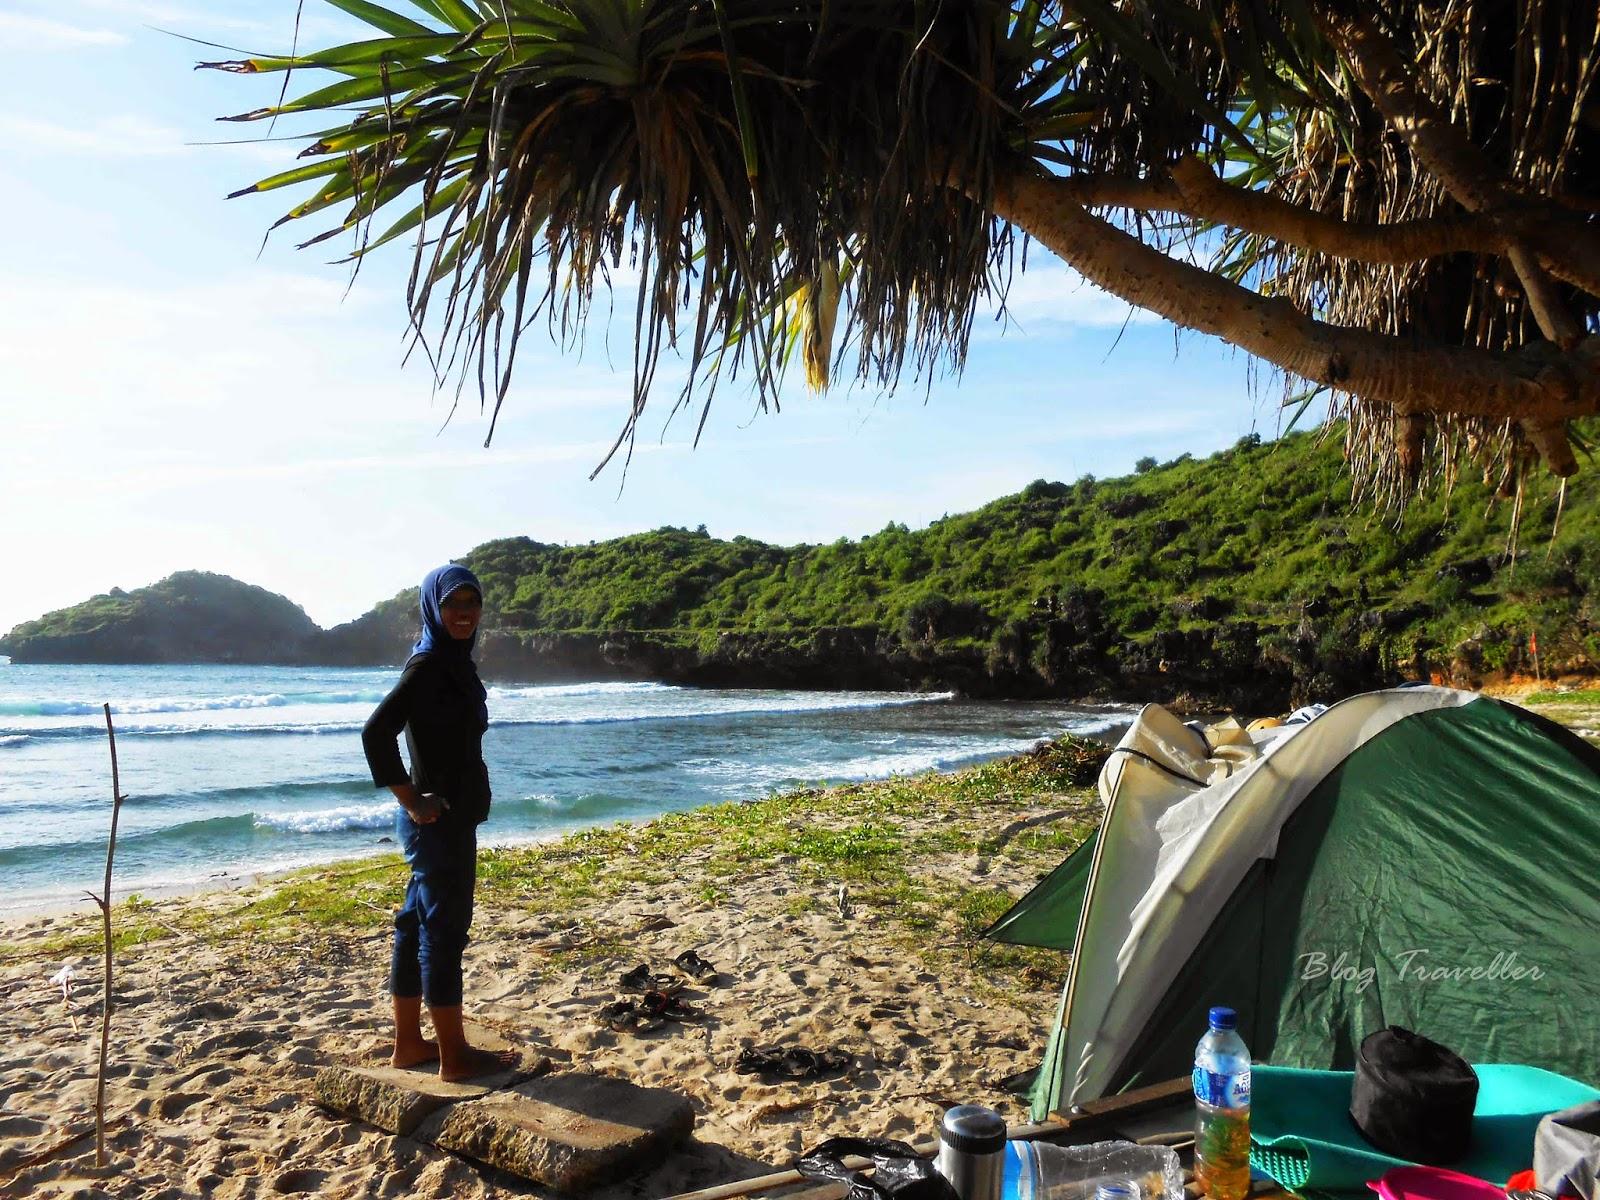 Camping di pantai Srau